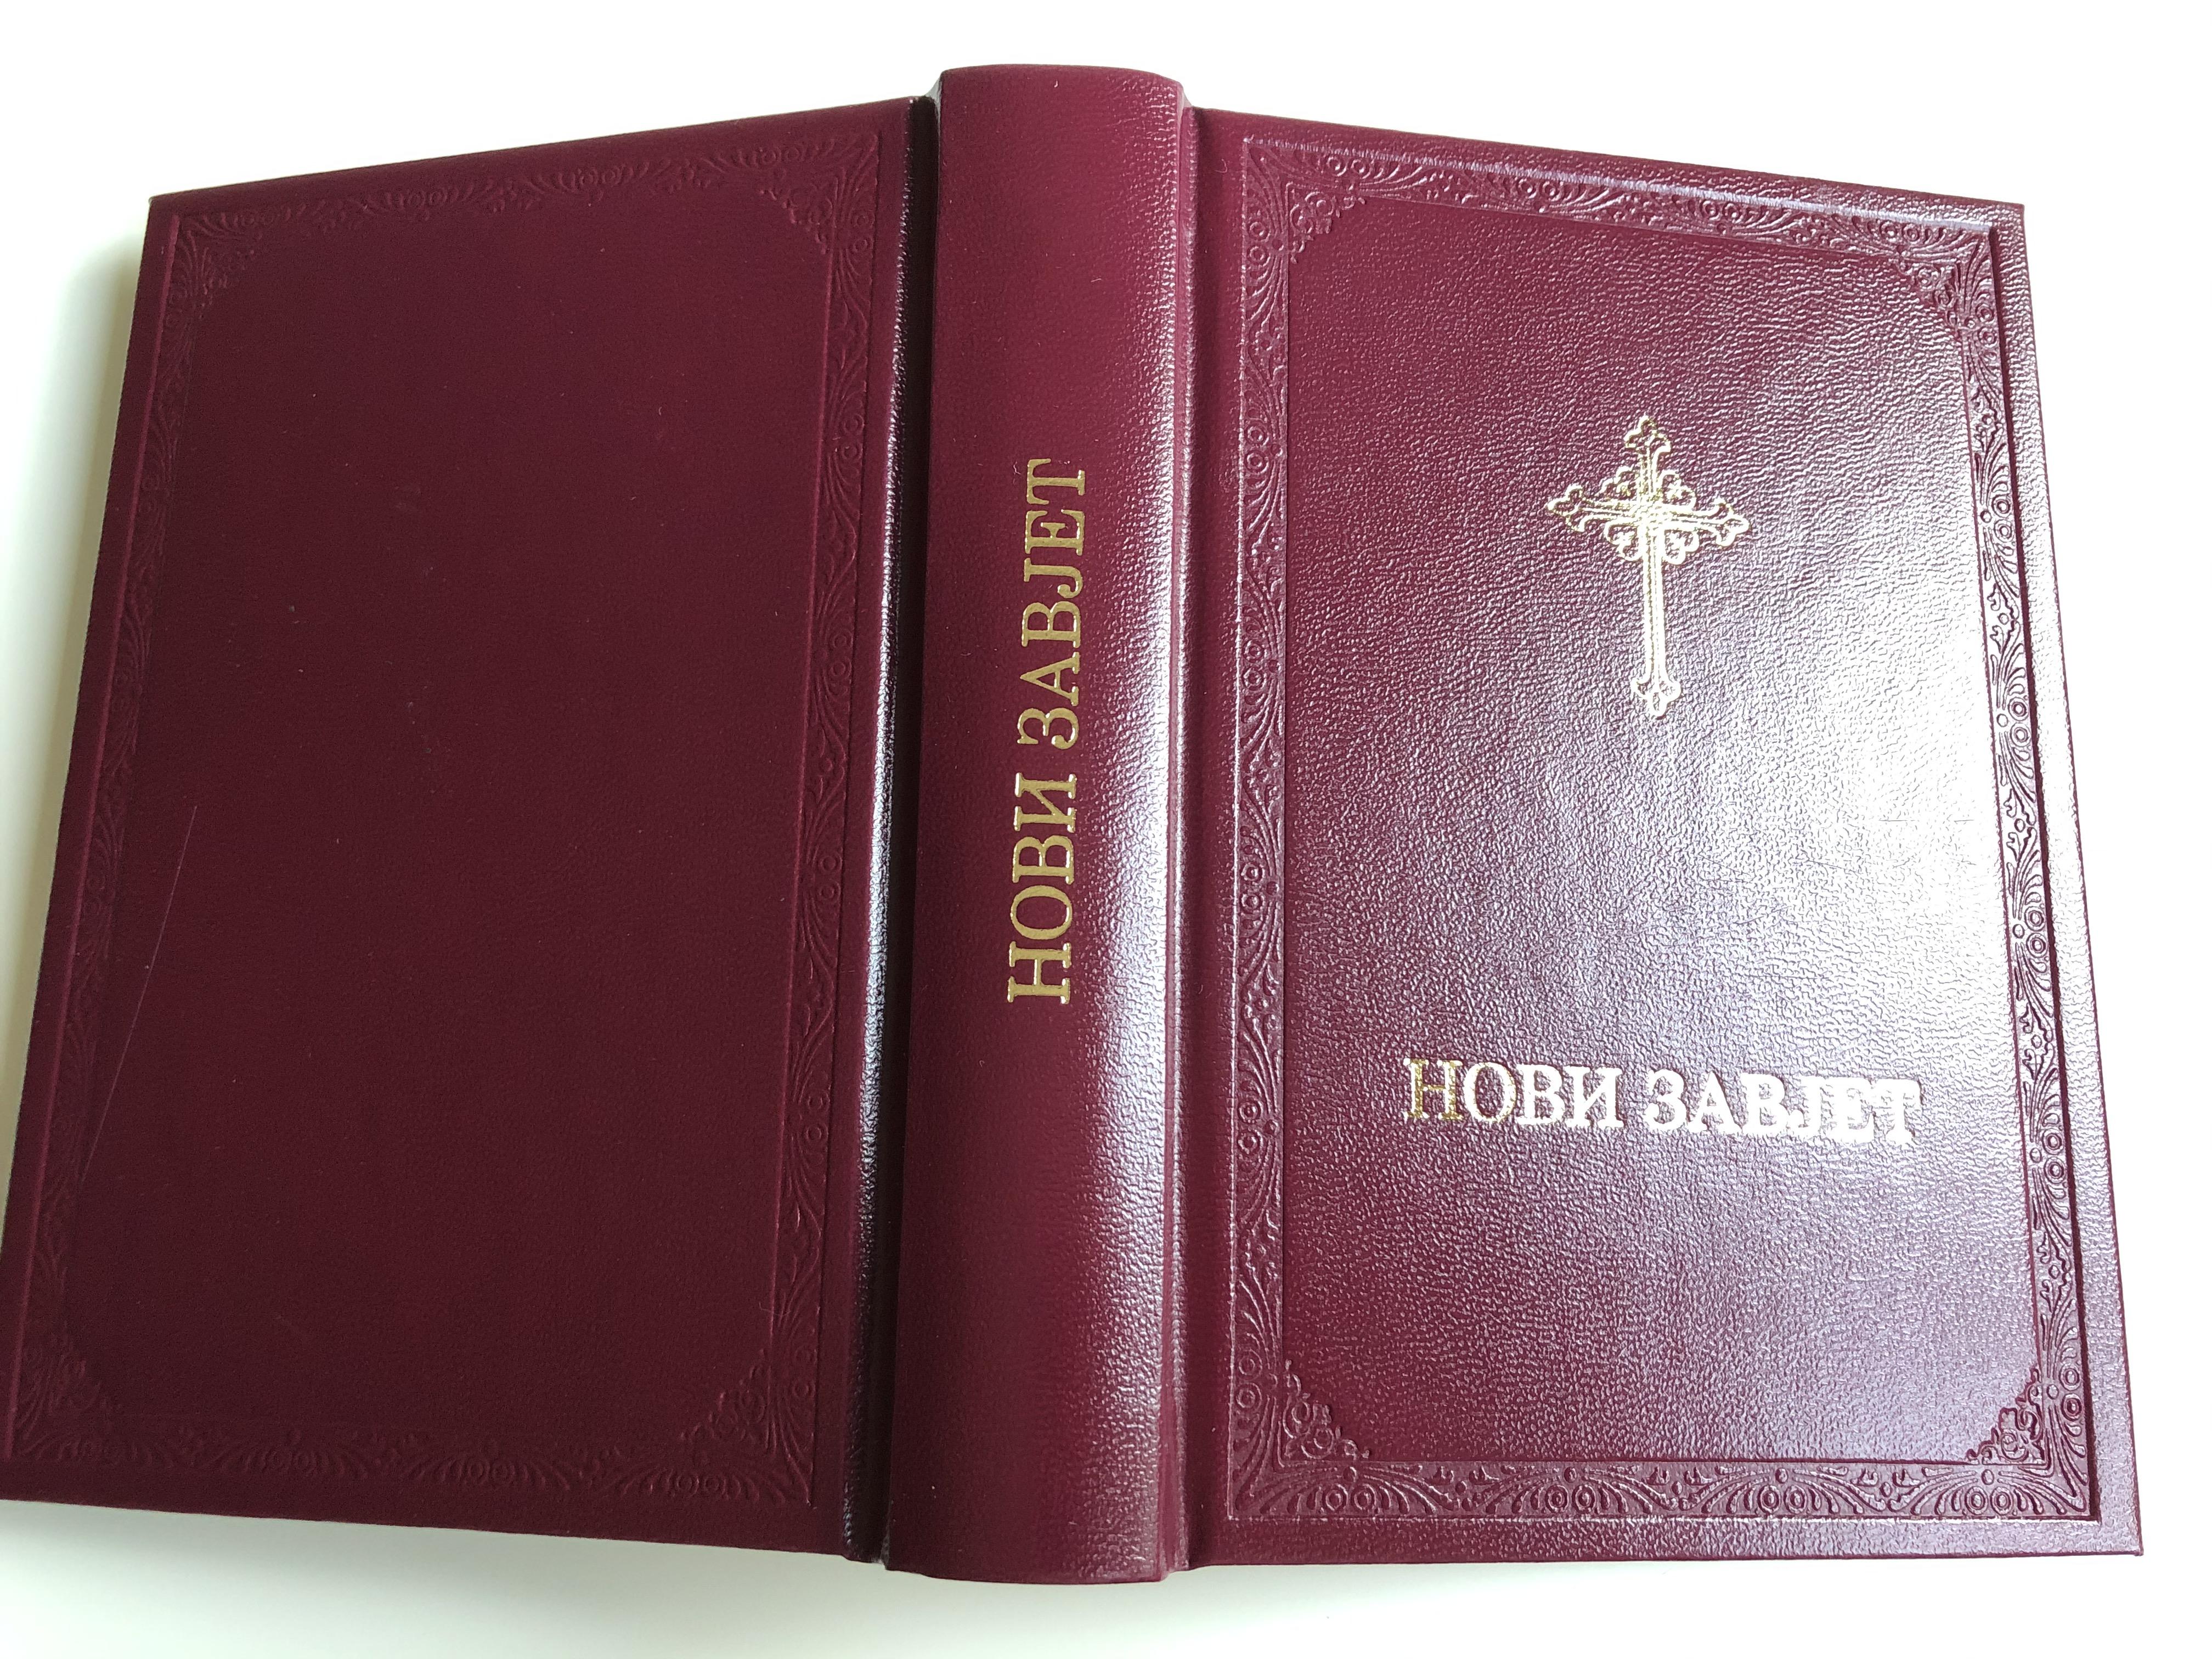 -novi-zavjet-serbian-orthodox-traditional-new-testament-burgundy-12.jpg